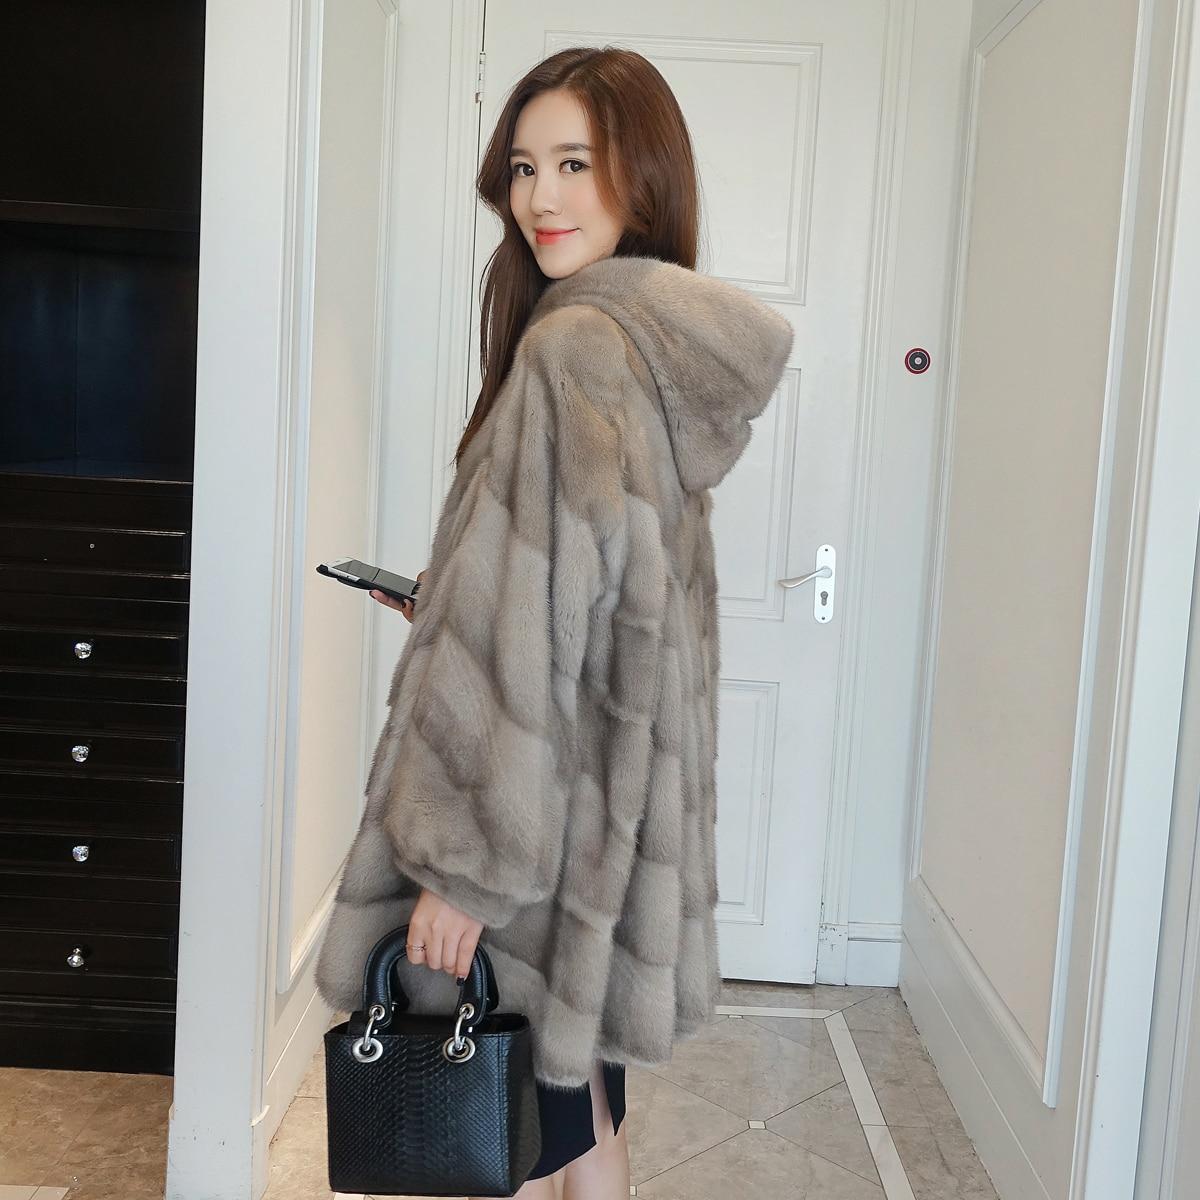 the best attitude 27be5 3264f US $1065.0 |Donne reale del visone cappotto di pelliccia tutta la pelliccia  di visone giacca lunga con cappuccio di velluto qualità di visone femmina  ...